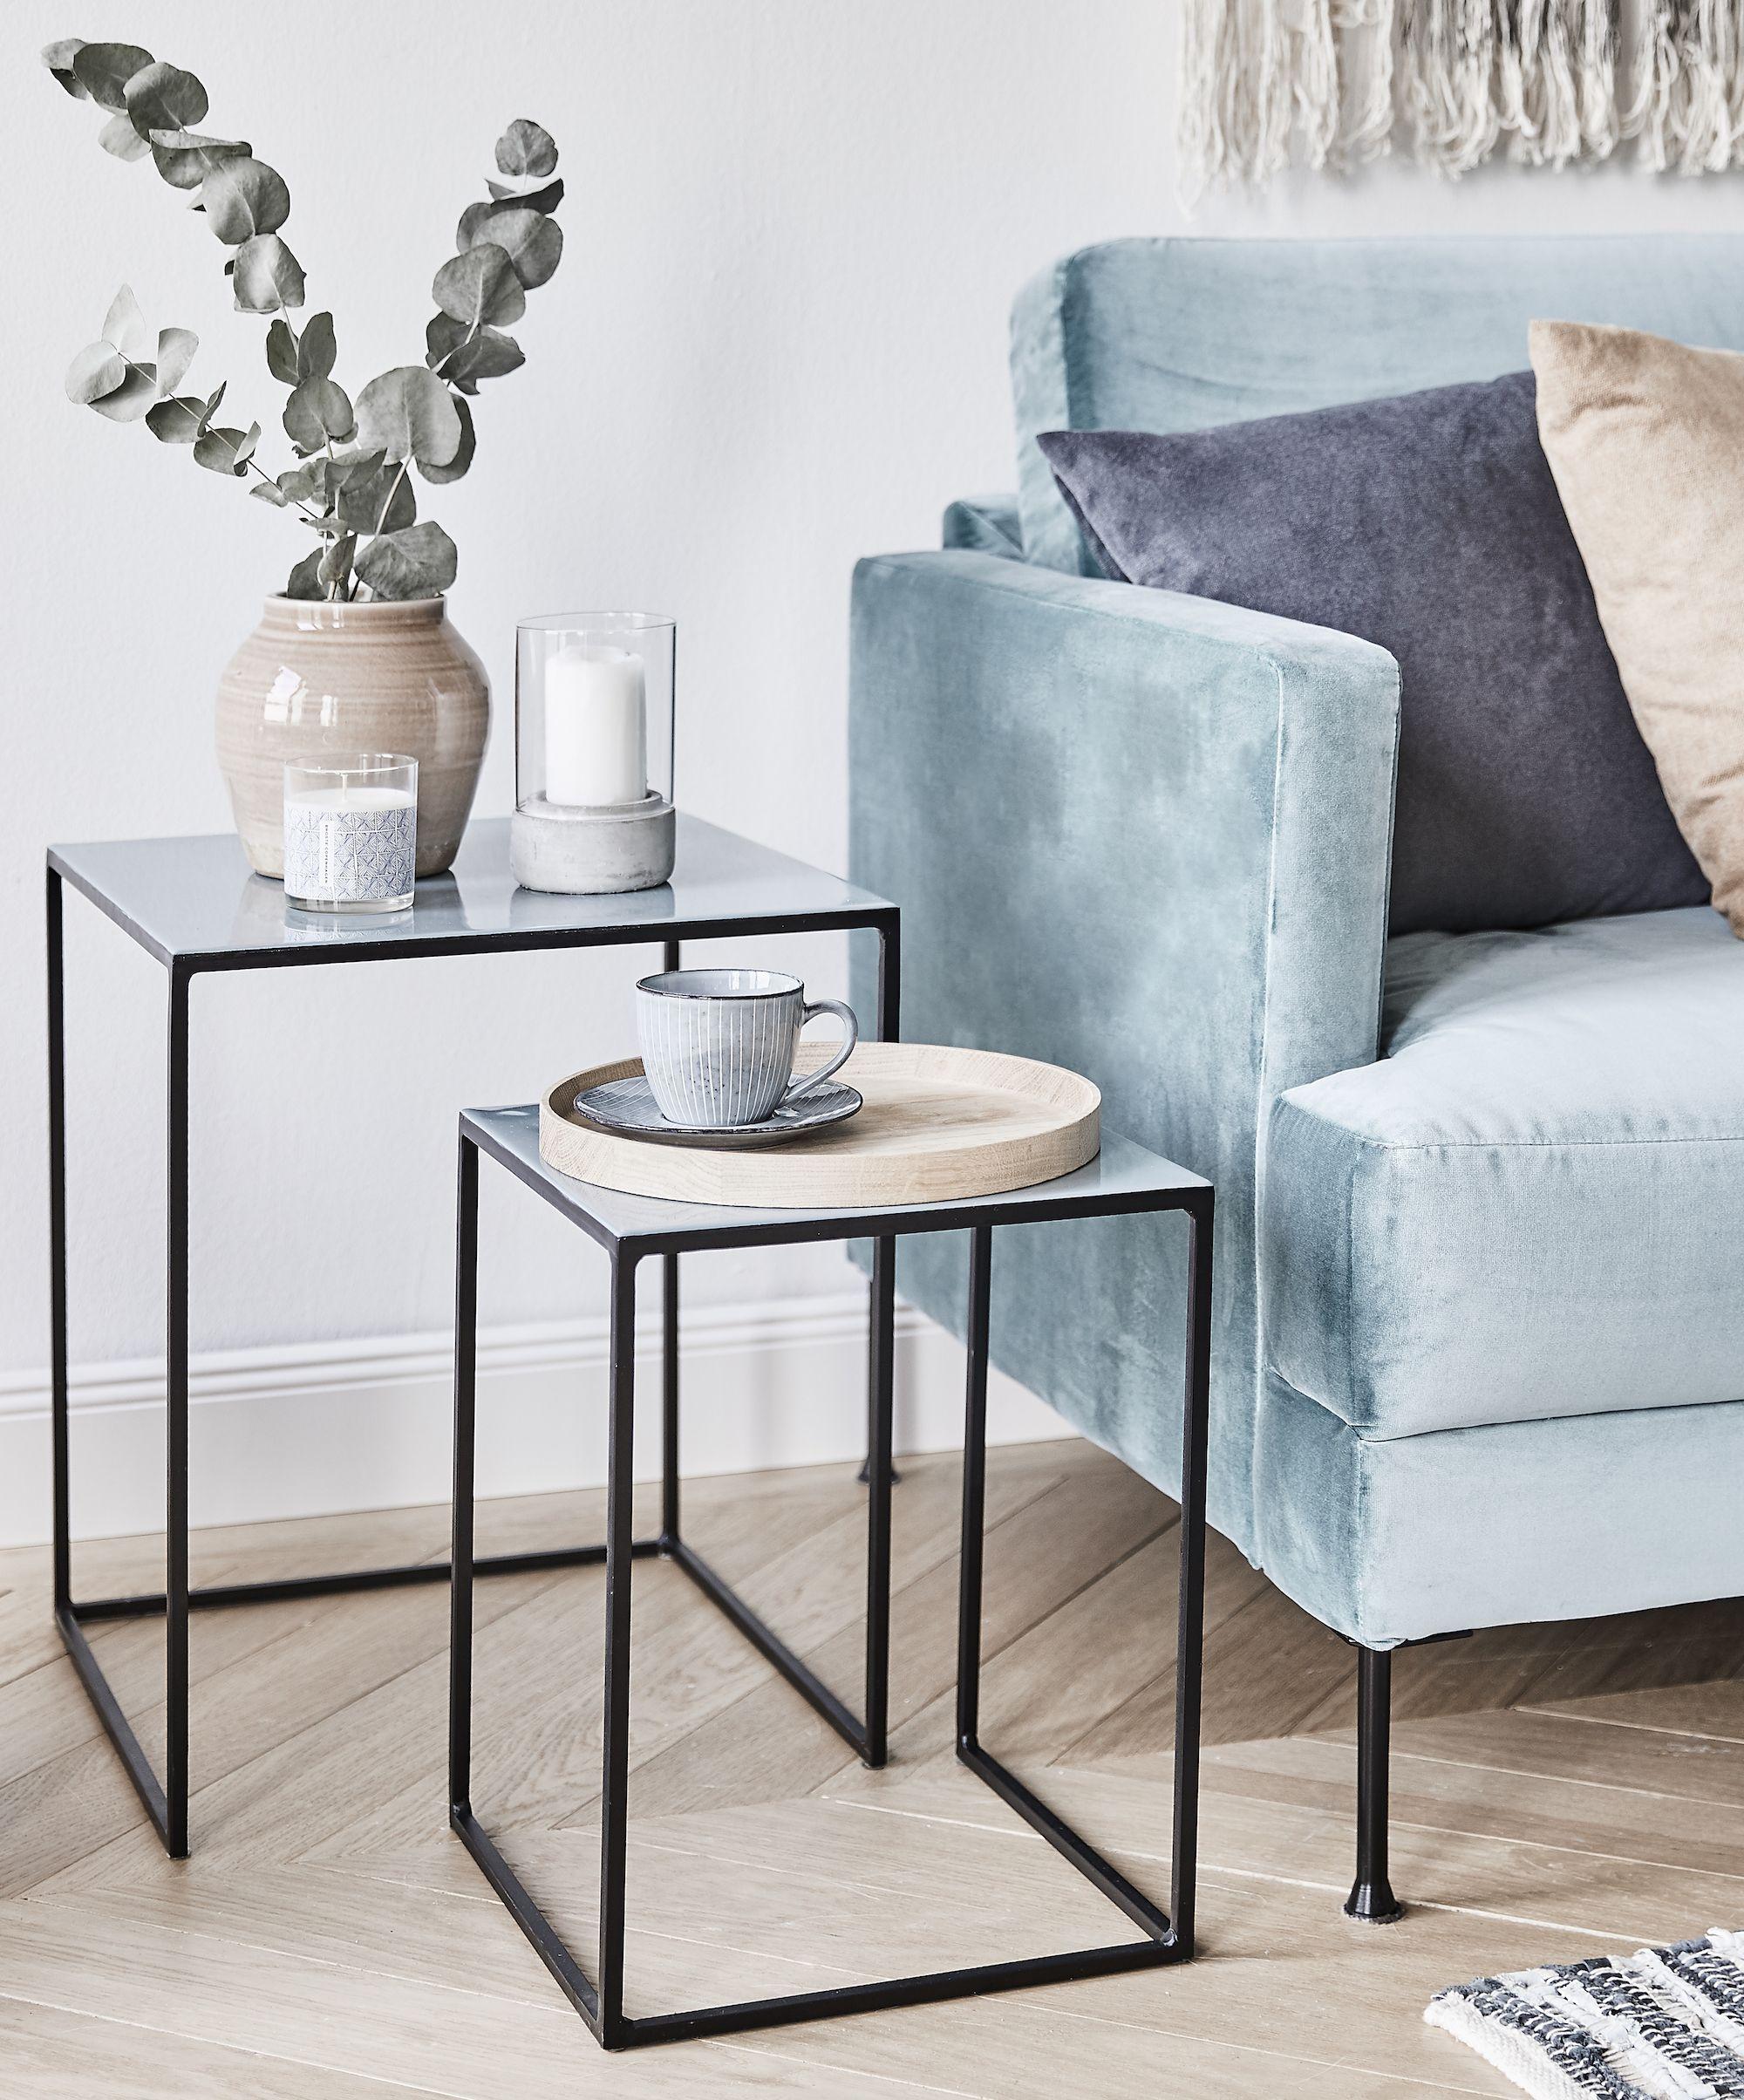 unsere lieblinge im herbst ganz klar softe pastellfarben weil sie so unaufdringlich und. Black Bedroom Furniture Sets. Home Design Ideas